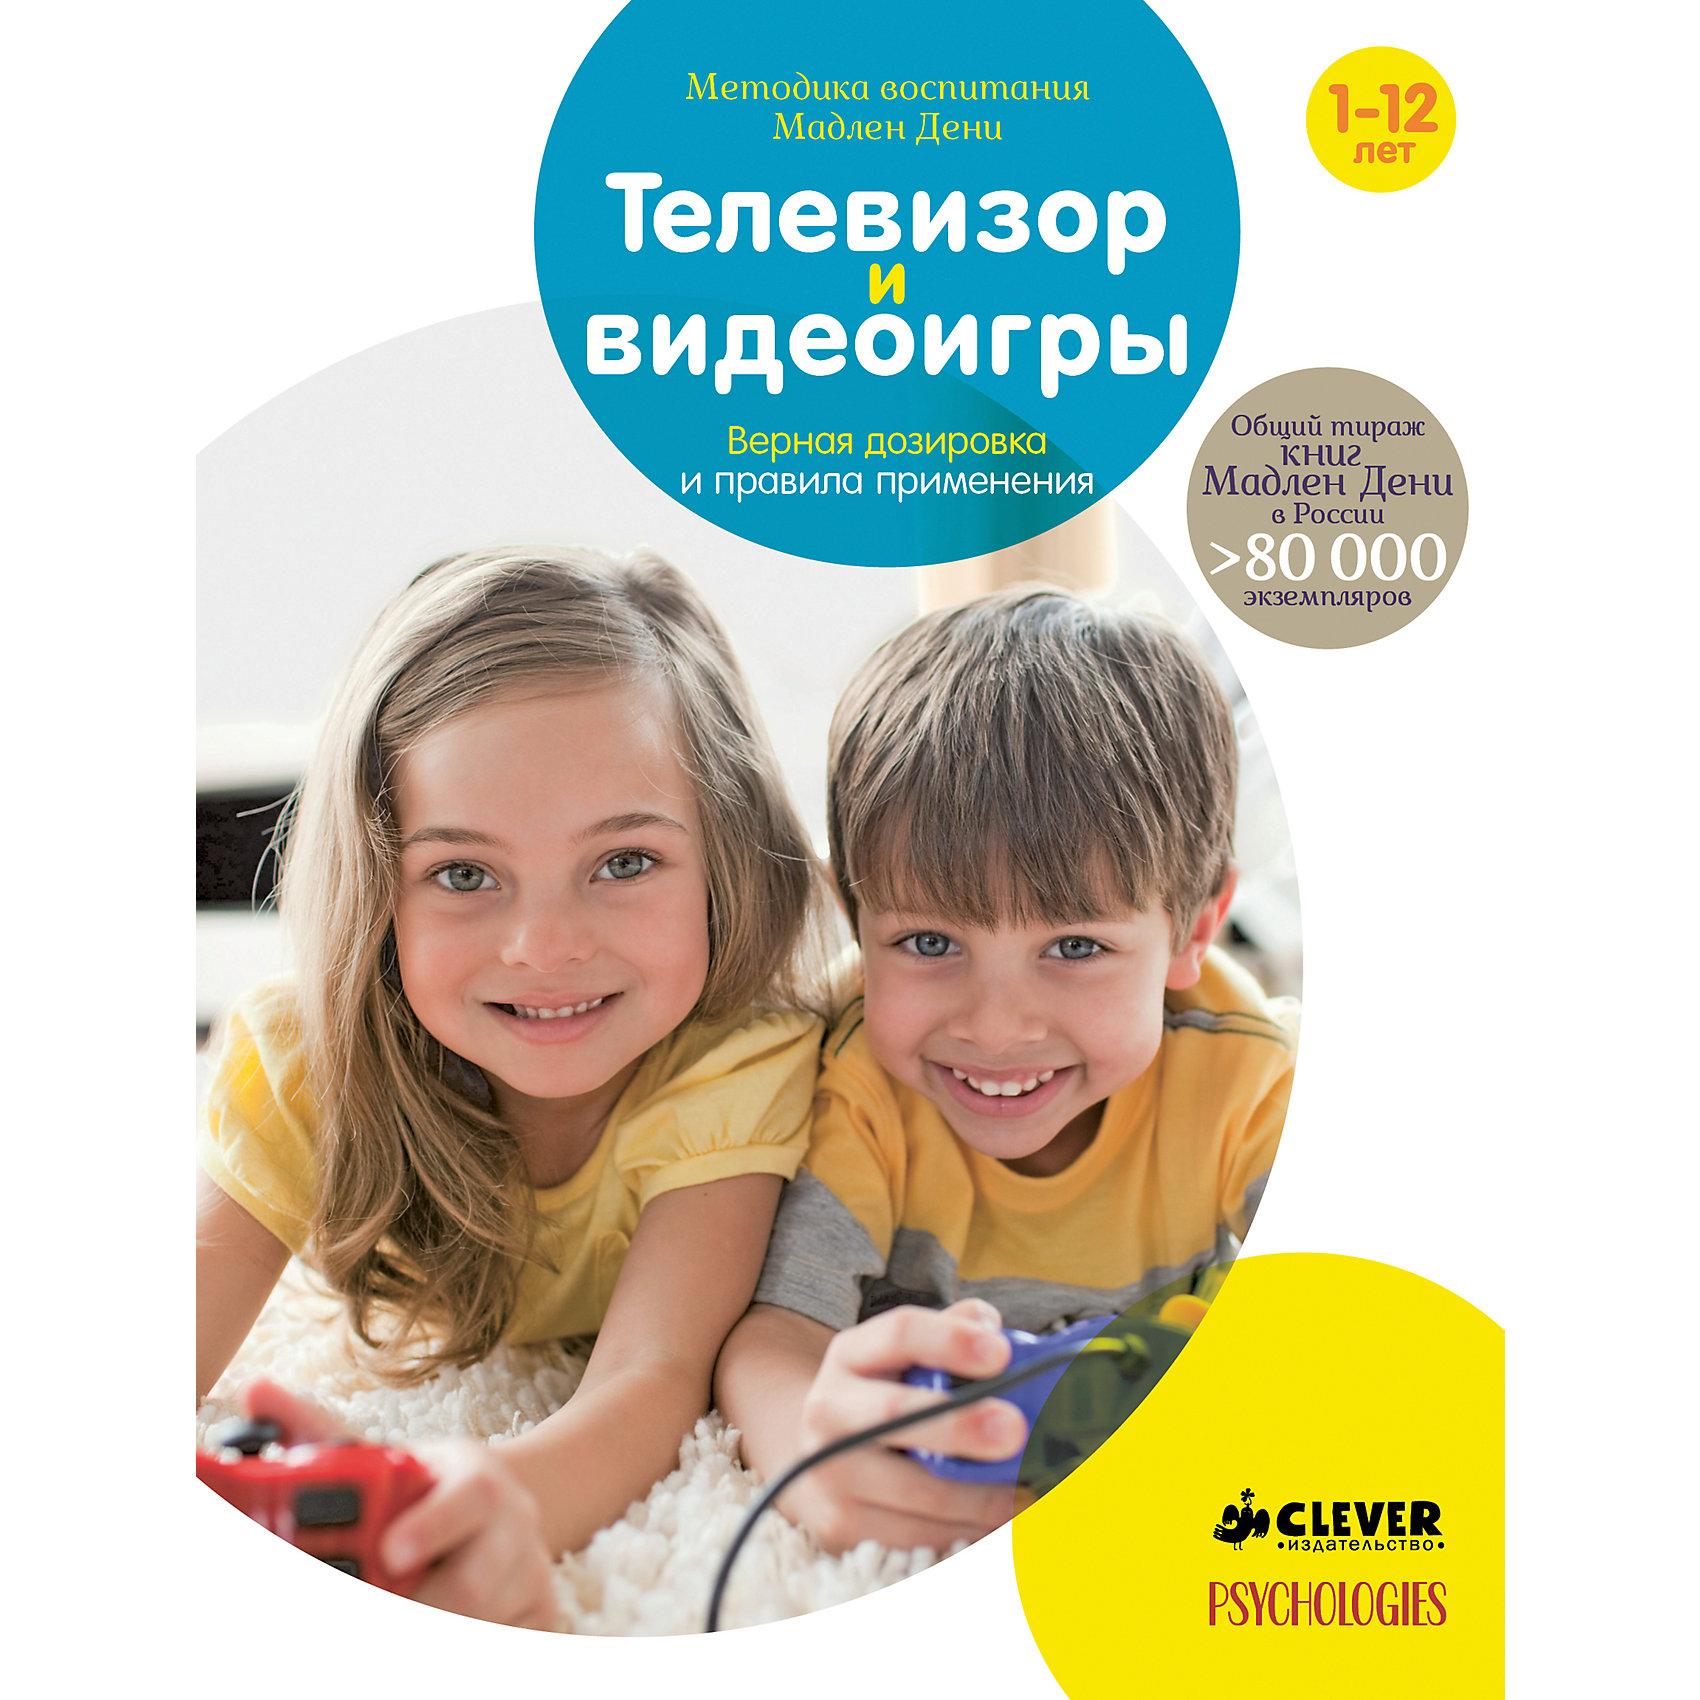 Интернет, телевизор, видеоигры. Верная дозировка и правила применения, М. ДениКниги для родителей<br>Интернет, телевизор, видеоигры. Верная дозировка и правила применения, М. Дени<br><br>Характеристики:<br><br>• ISBN: 978-5-906856-87-6<br>• Кол-во страниц: 96<br>• Возраст: от 12 месяцев<br>• Формат: а5<br>• Размер книги: 194x150x4 мм<br>• Бумага: офсет<br>• Вес: 150 г<br>• Обложка: мягкая<br><br>Мадлен Дени, французский педагог и психолог, создала целую линейку книг-помощниц для начинающих родителей. Взрослеющие дети всегда хотят быть как взрослые. Сидеть перед телевизором по вечерам, общаться в интернете и играть в видеоигры. Данная книга поможет найти ответ на любой вопрос, возникающий на пути воспитания детей. Простые советы и легкие инструкции, без осуждения и с ободрением. <br><br>Интернет, телевизор, видеоигры. Верная дозировка и правила применения, М. Дени можно купить в нашем интернет-магазине.<br><br>Ширина мм: 190<br>Глубина мм: 150<br>Высота мм: 8<br>Вес г: 150<br>Возраст от месяцев: 192<br>Возраст до месяцев: 2147483647<br>Пол: Унисекс<br>Возраст: Детский<br>SKU: 5377791